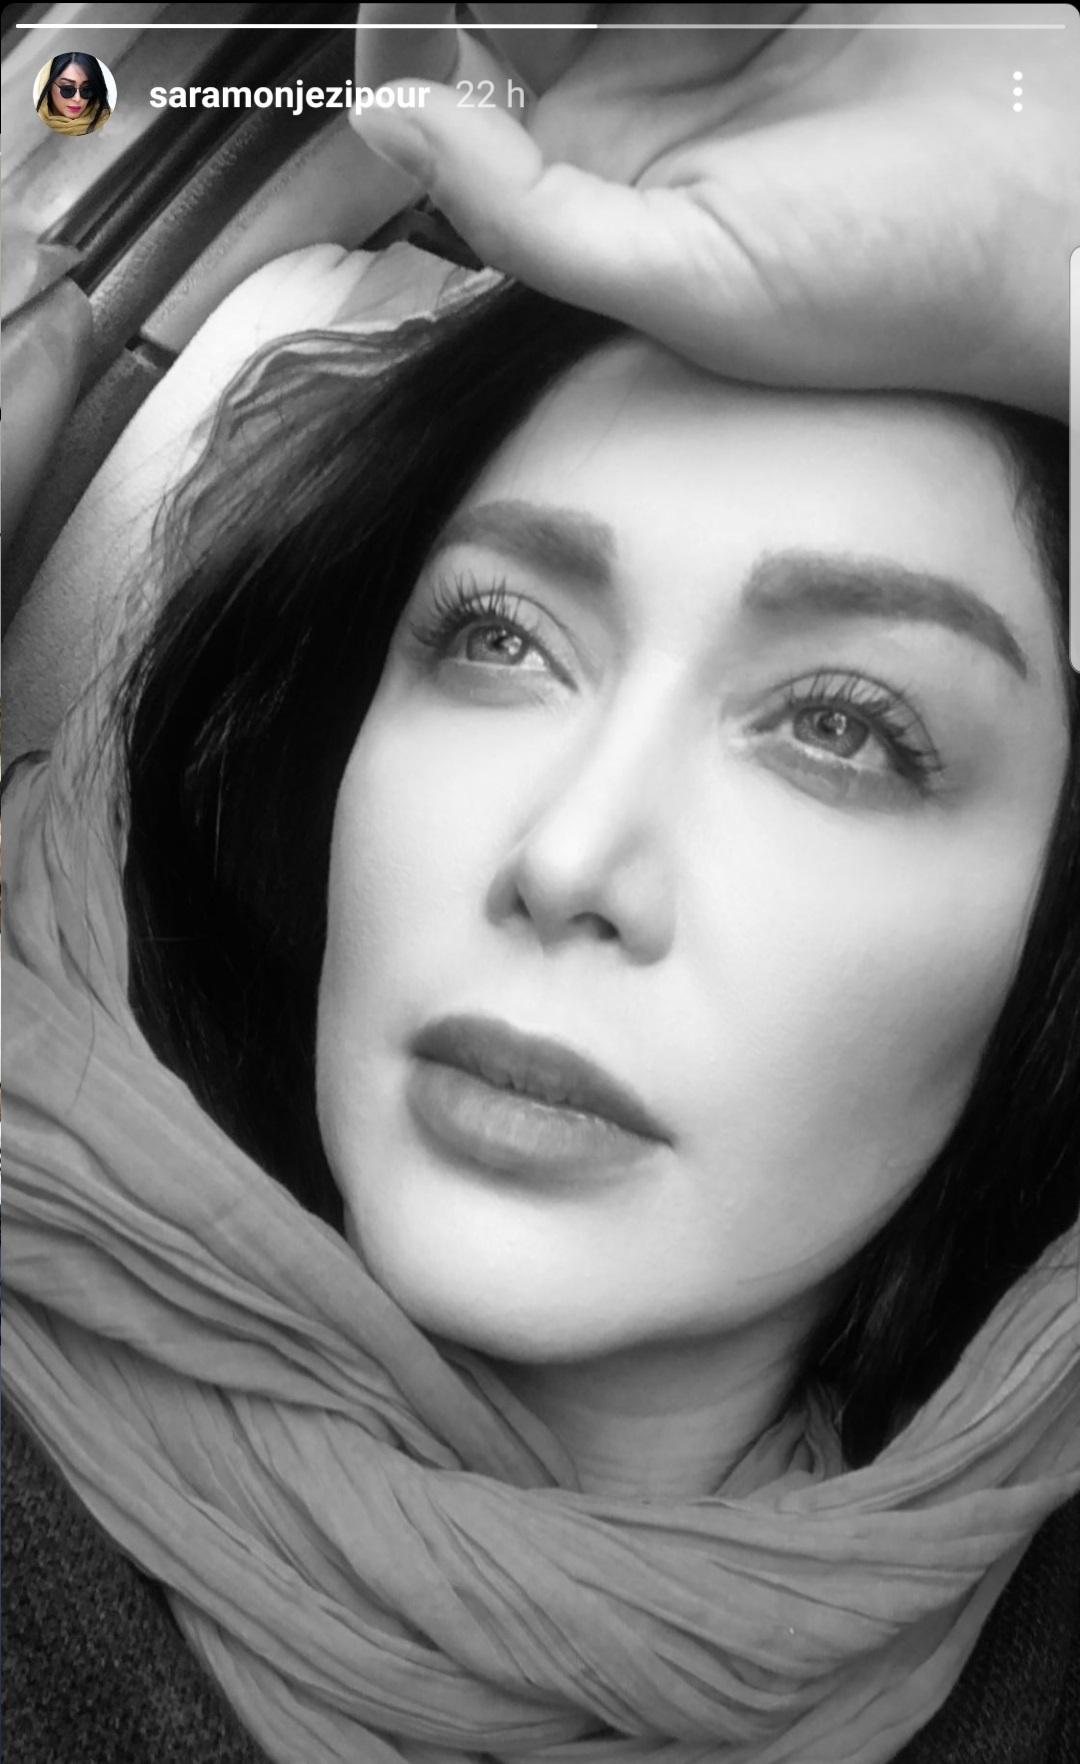 سیاه و سفید با سارا منجزی پور + عکس